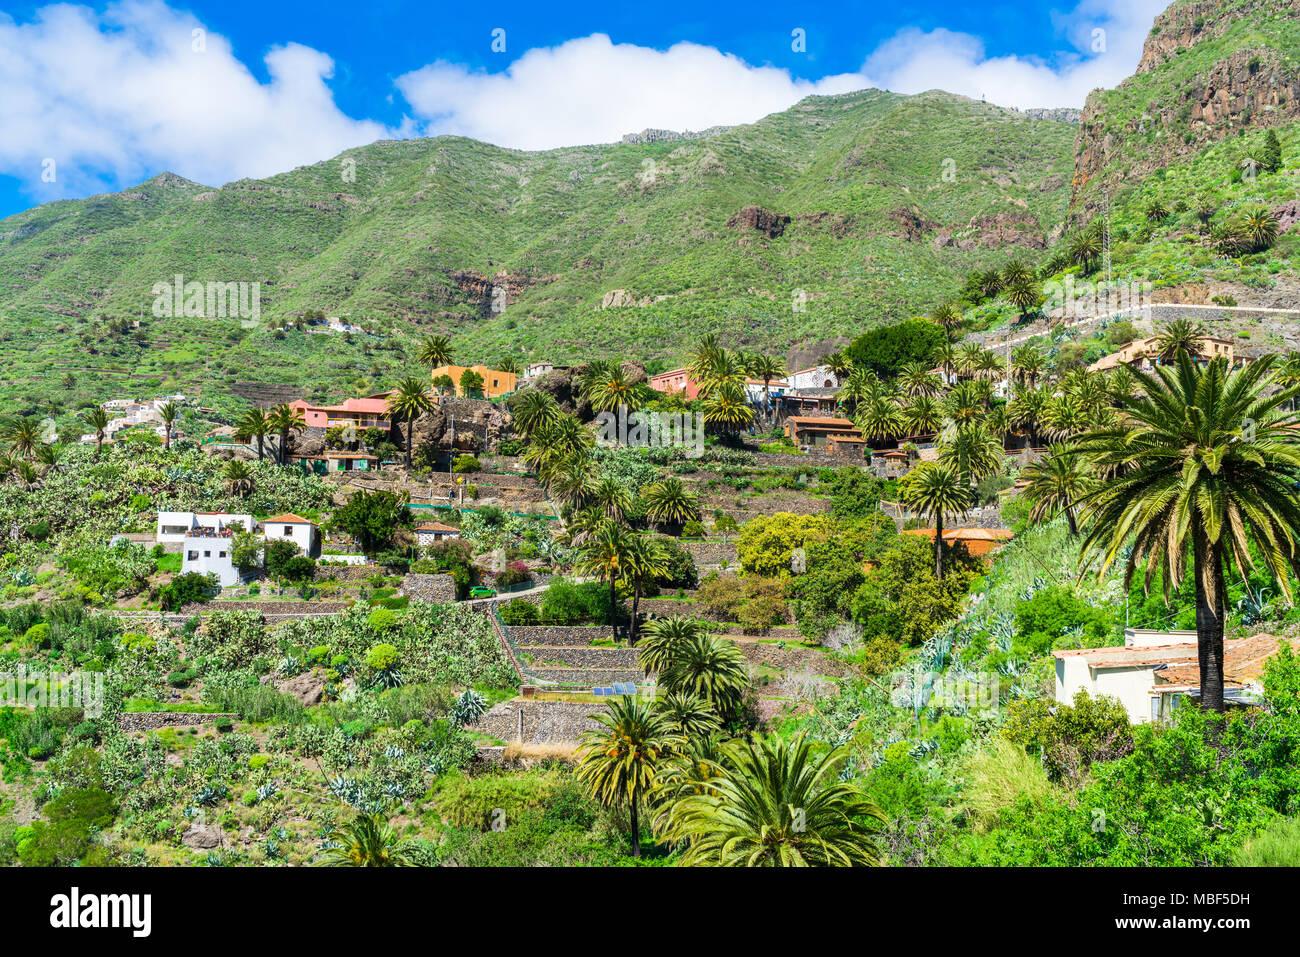 Den Berg Macizo de Teno Gebirge und das Dorf Masca auf Teneriffa, Kanarische Inseln Stockbild